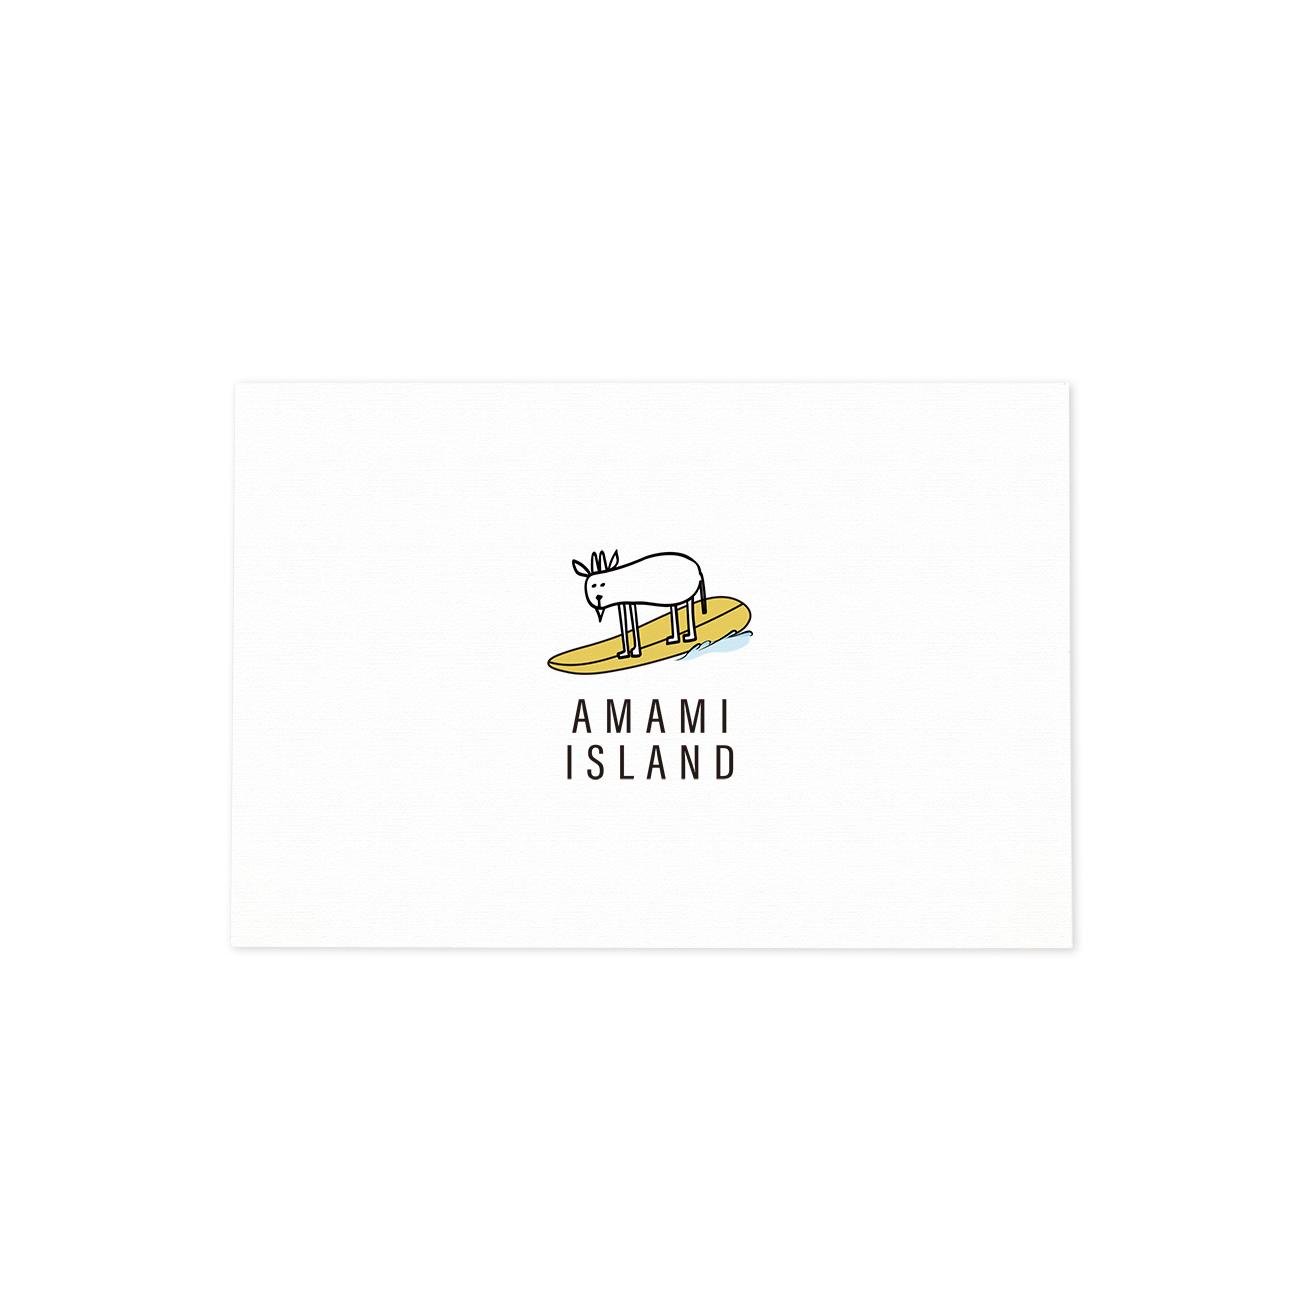 グリーティングカード | AMAMI ISLAND